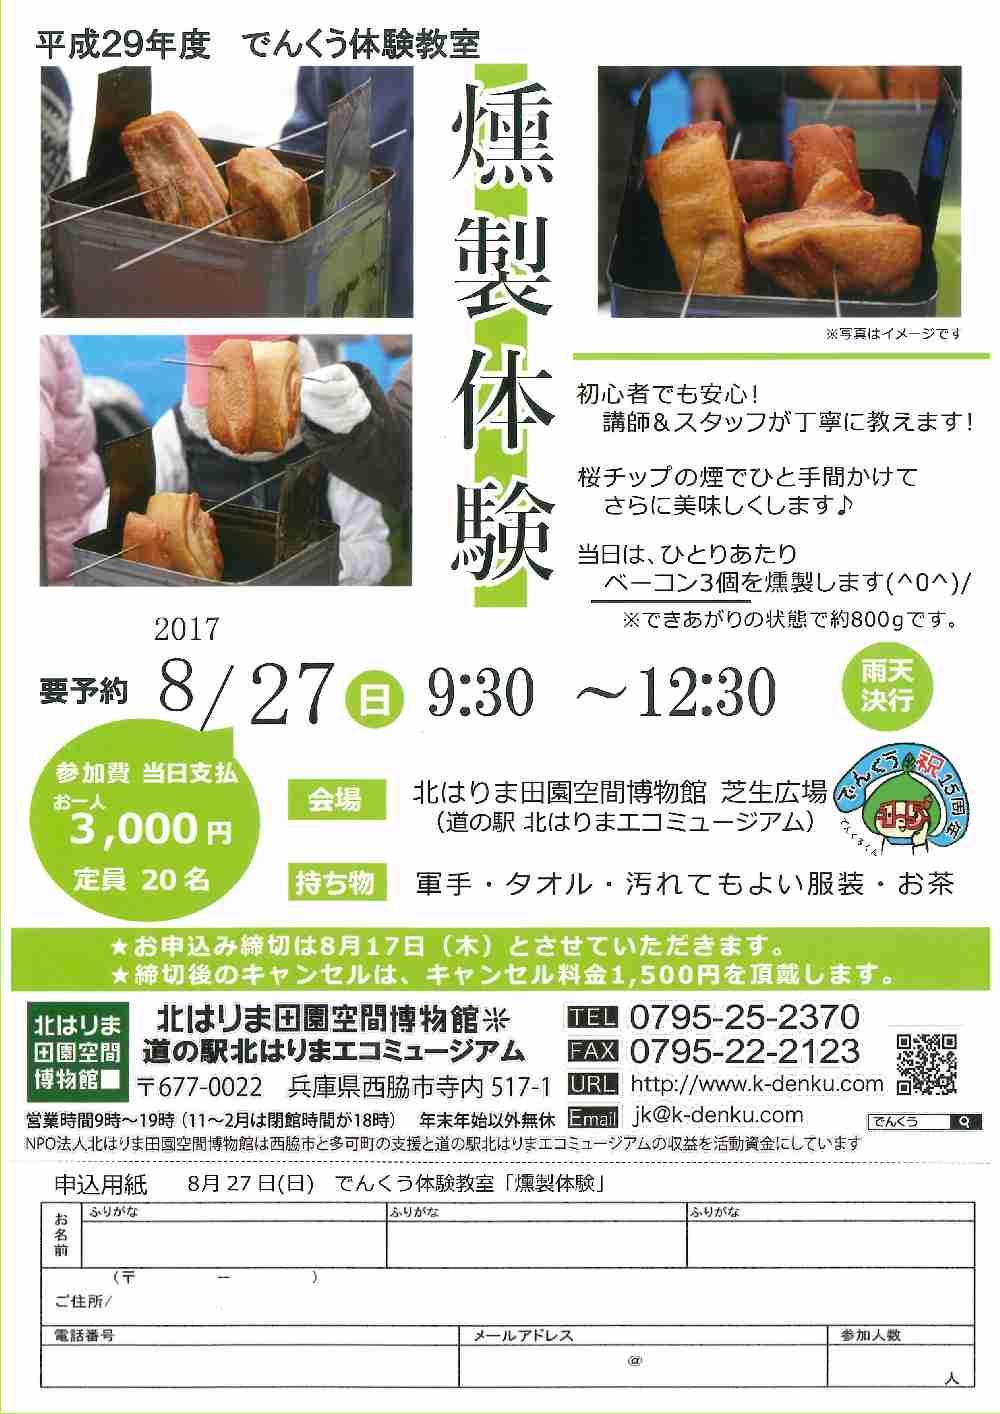 8/27  体験教室「燻製づくり体験」:でんくう総合案内所芝生広場